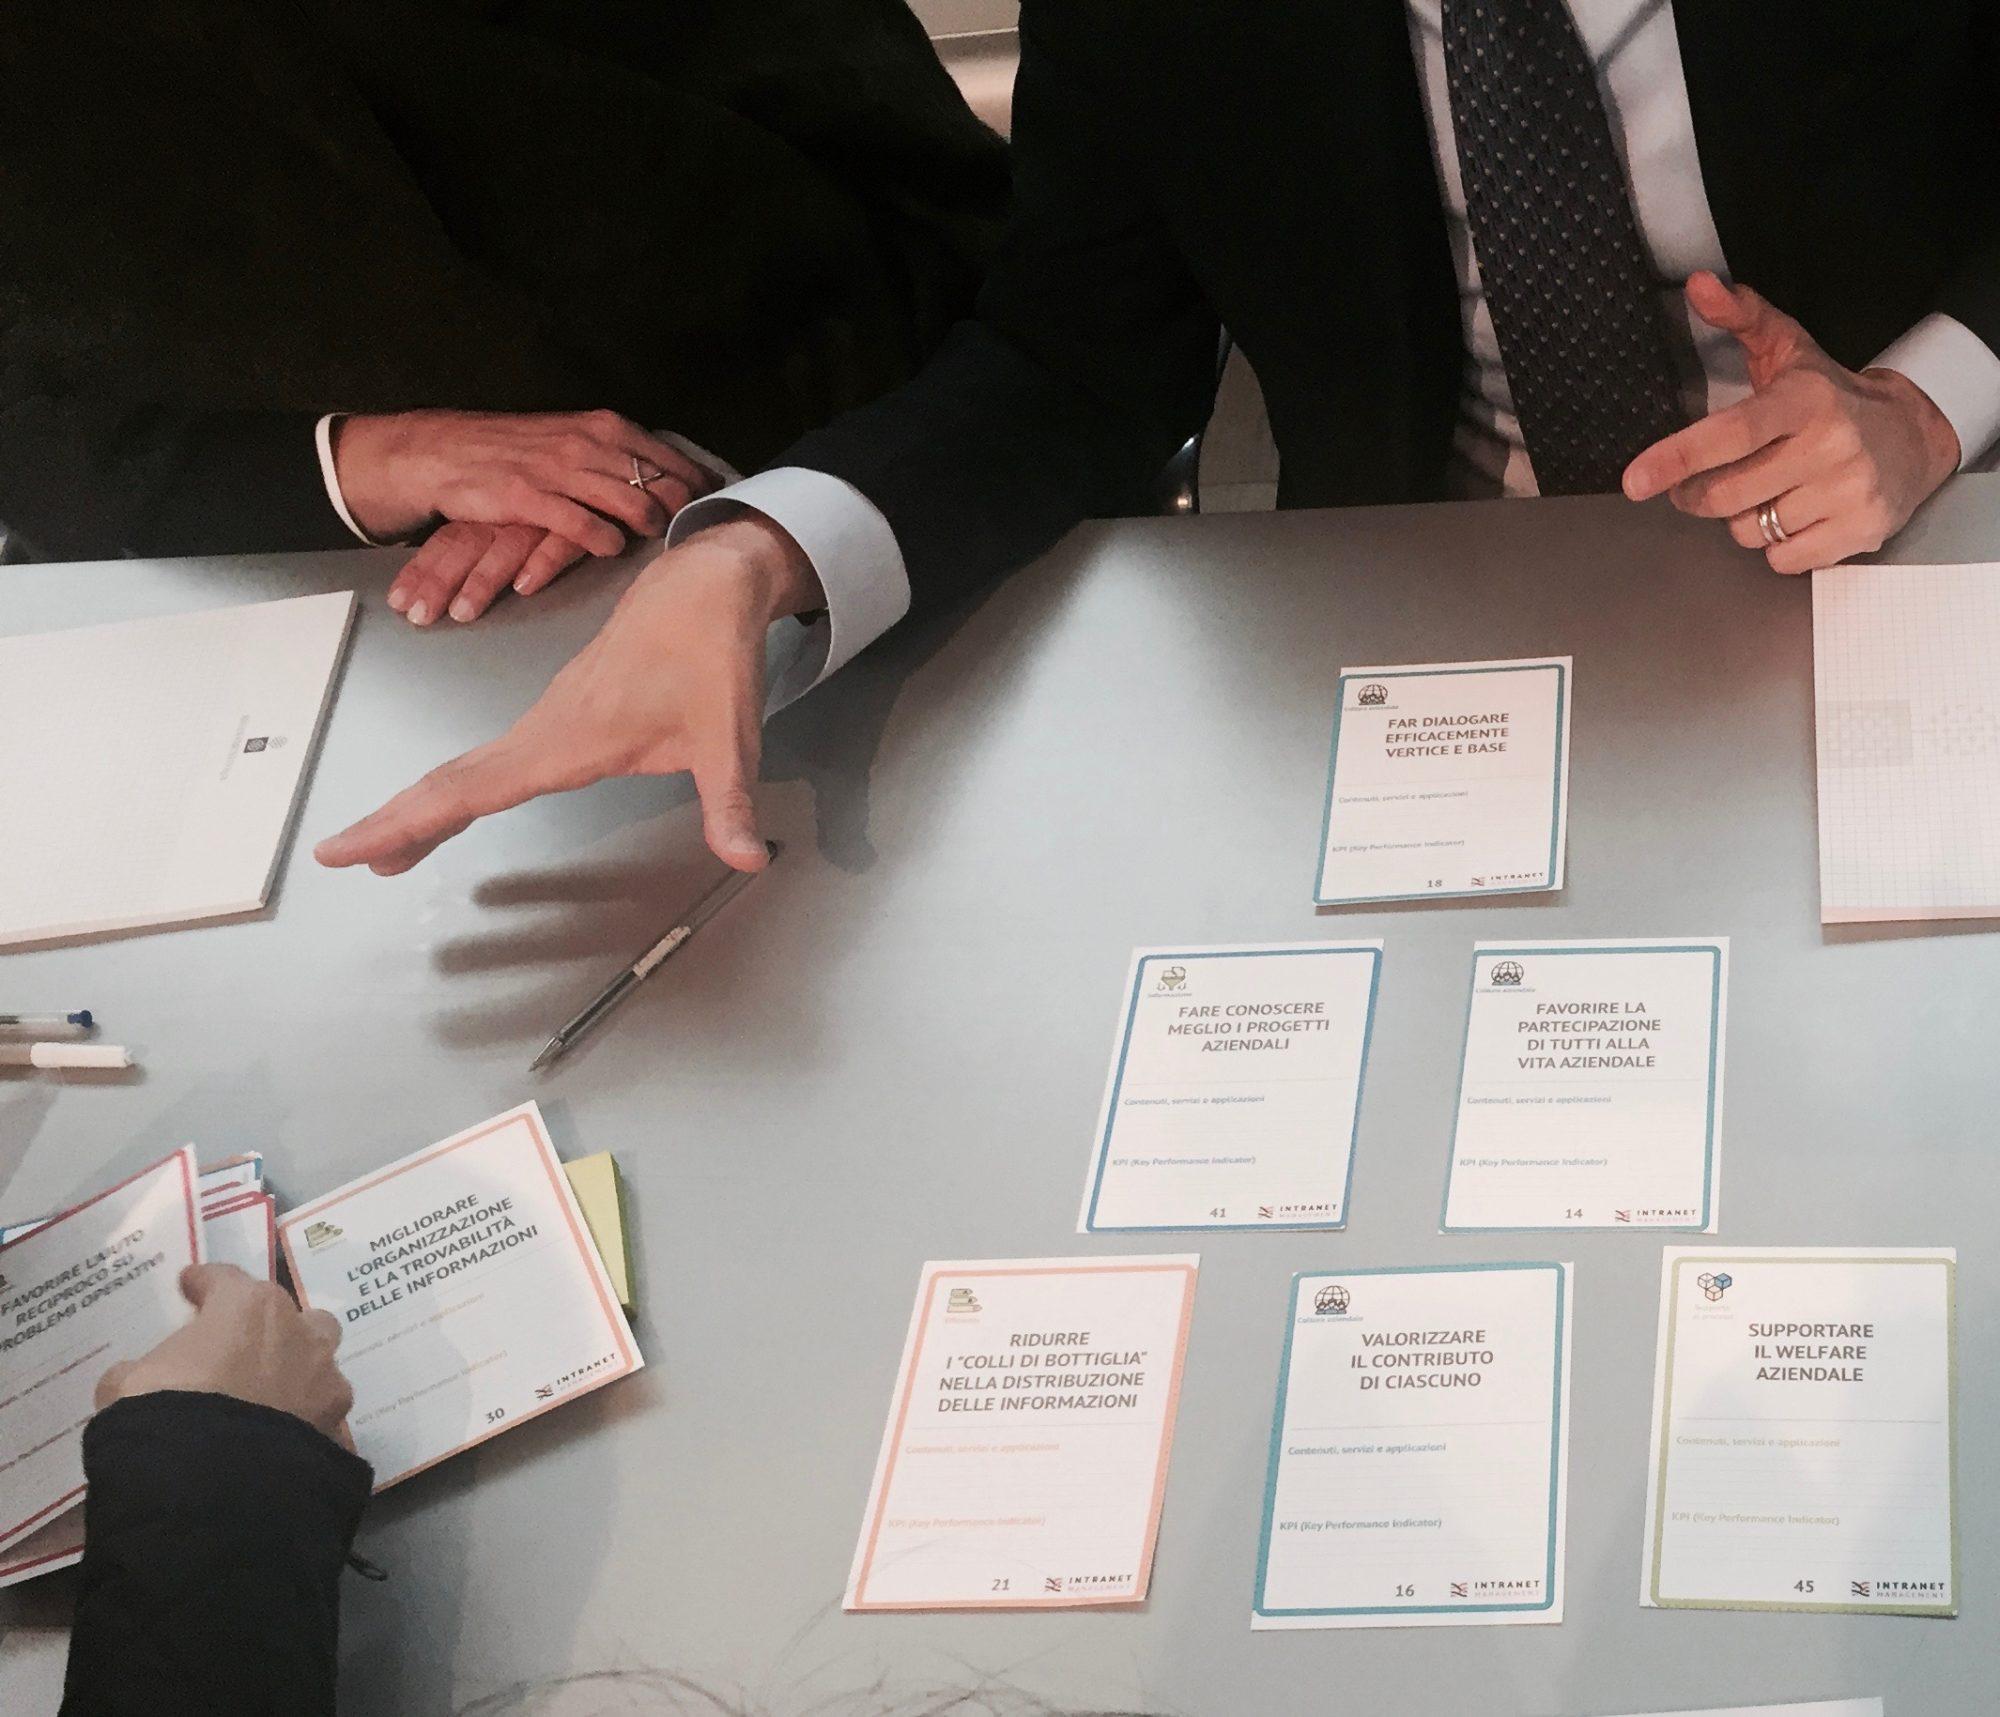 workshop obiettivi della intranet - esempio 1